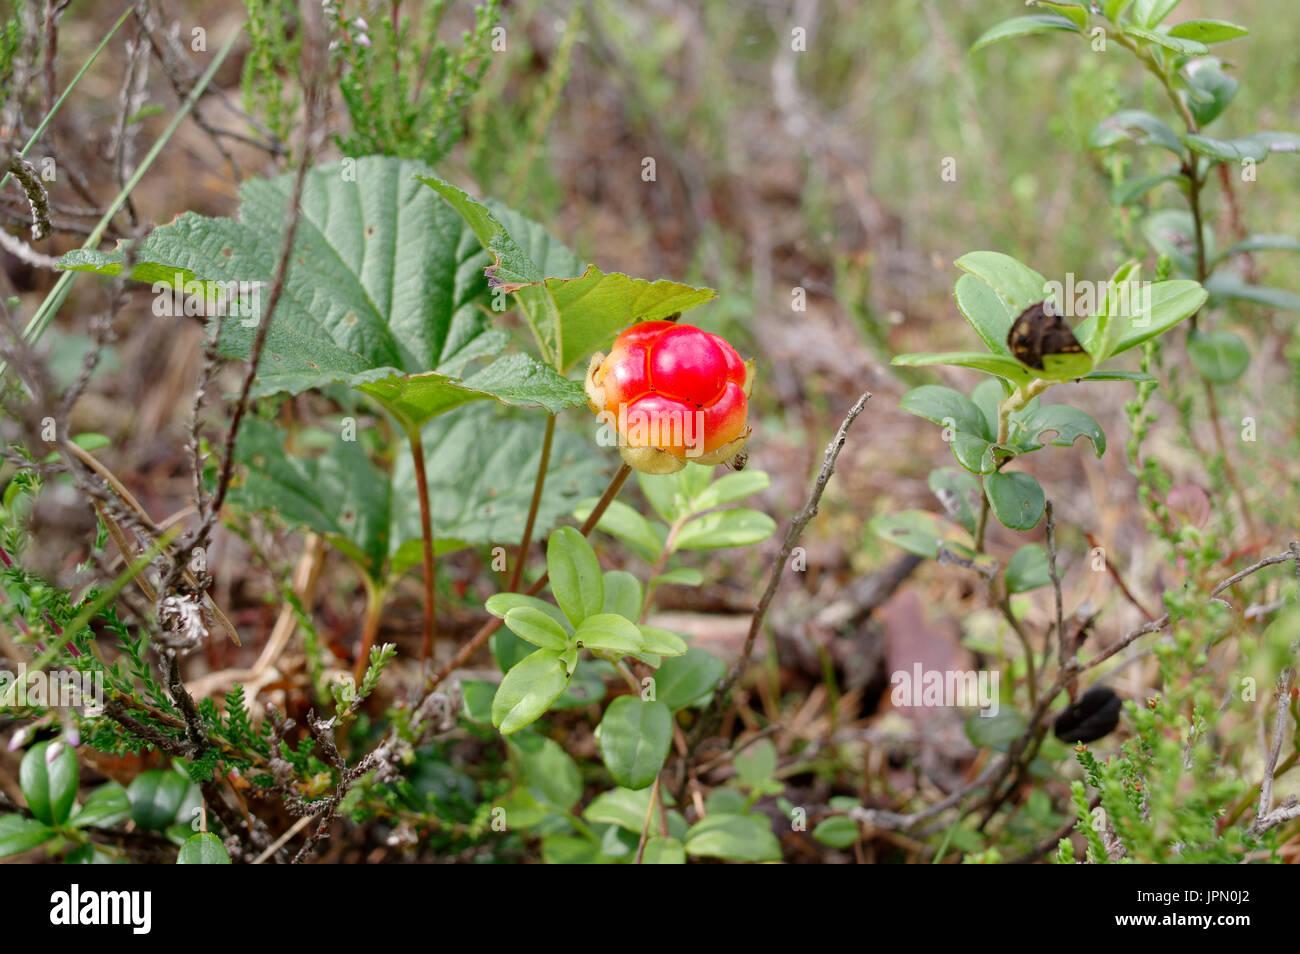 Ripe cloudberry (Rubus chamaemorus L) in Kuresoo, Soomaa, Estonia 29th July 2017 - Stock Image